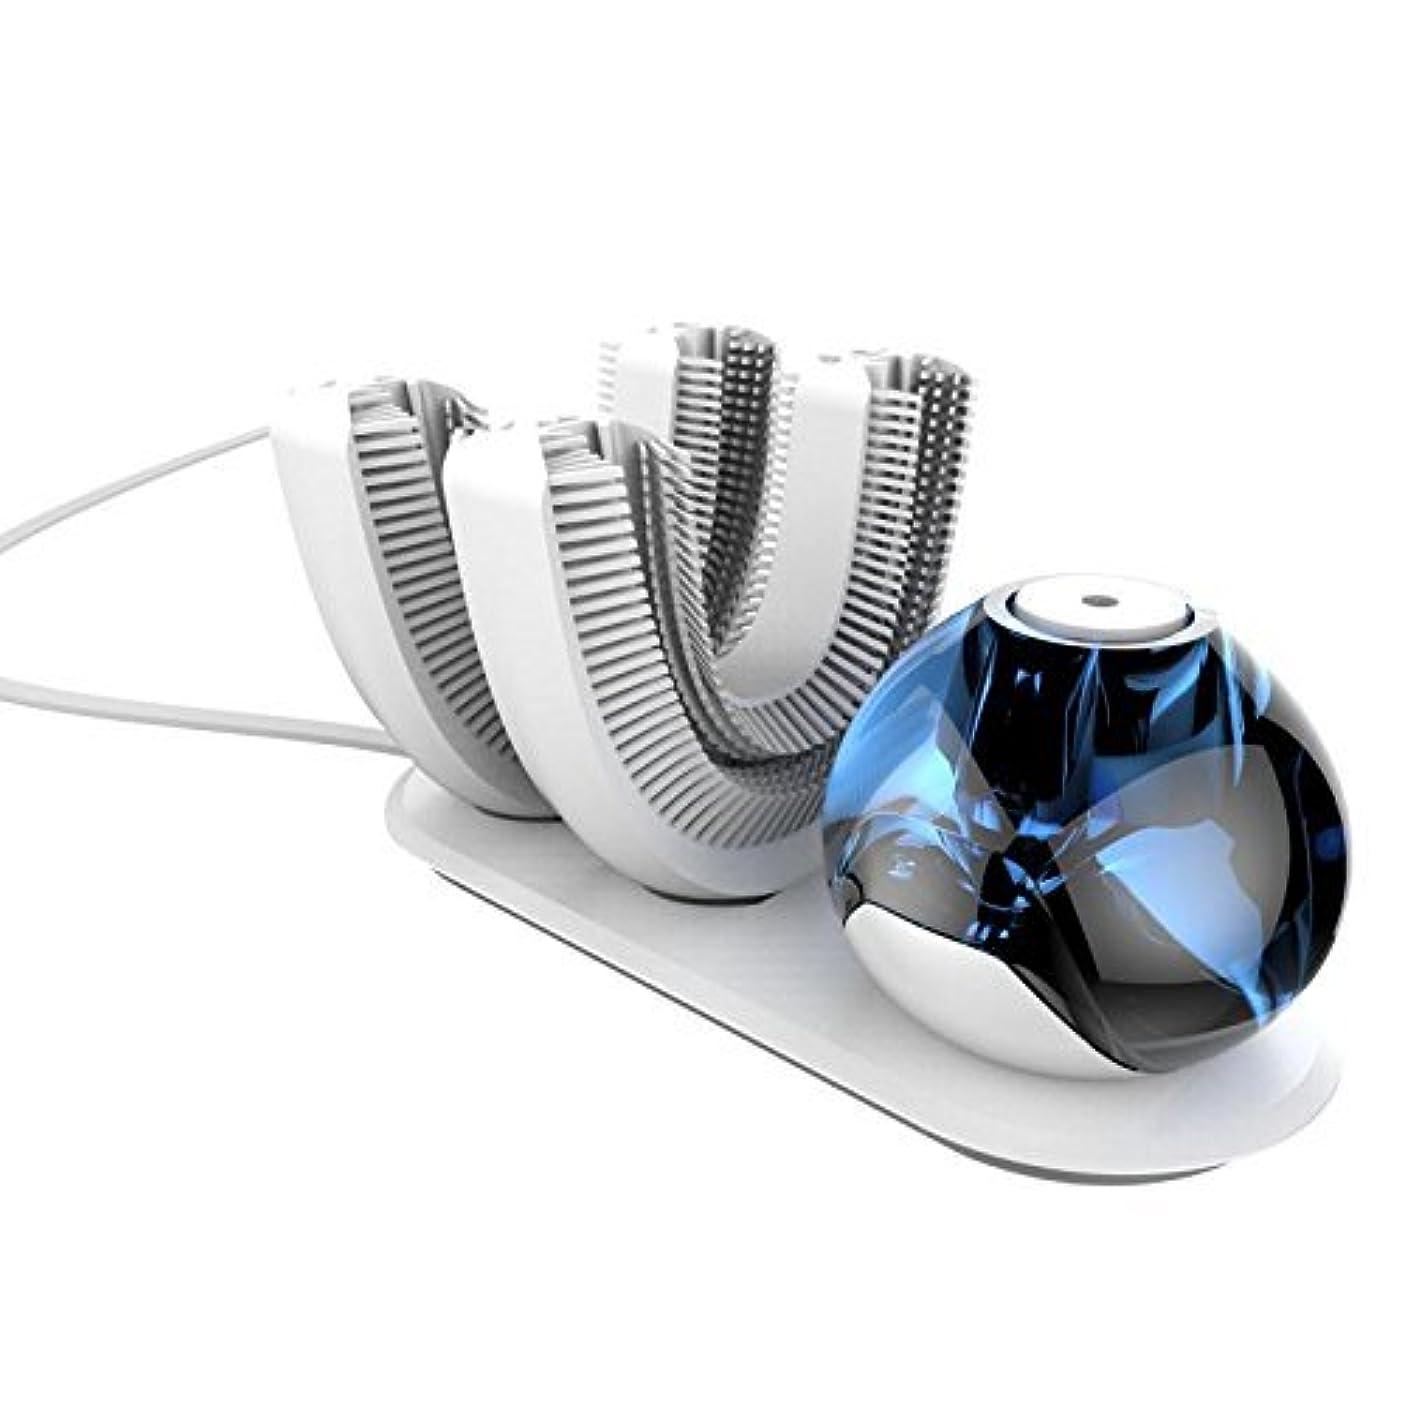 ピカリングスタンド作業怠け者牙刷-電動 U型 超音波 専門370°全方位 自動歯ブラシ ワイヤレス充電 成人 怠け者 ユニークなU字型のマウスピース わずか10秒で歯磨き 自動バブル 2本の歯ブラシヘッド付き あなたの手を解放 磁気吸引接続...